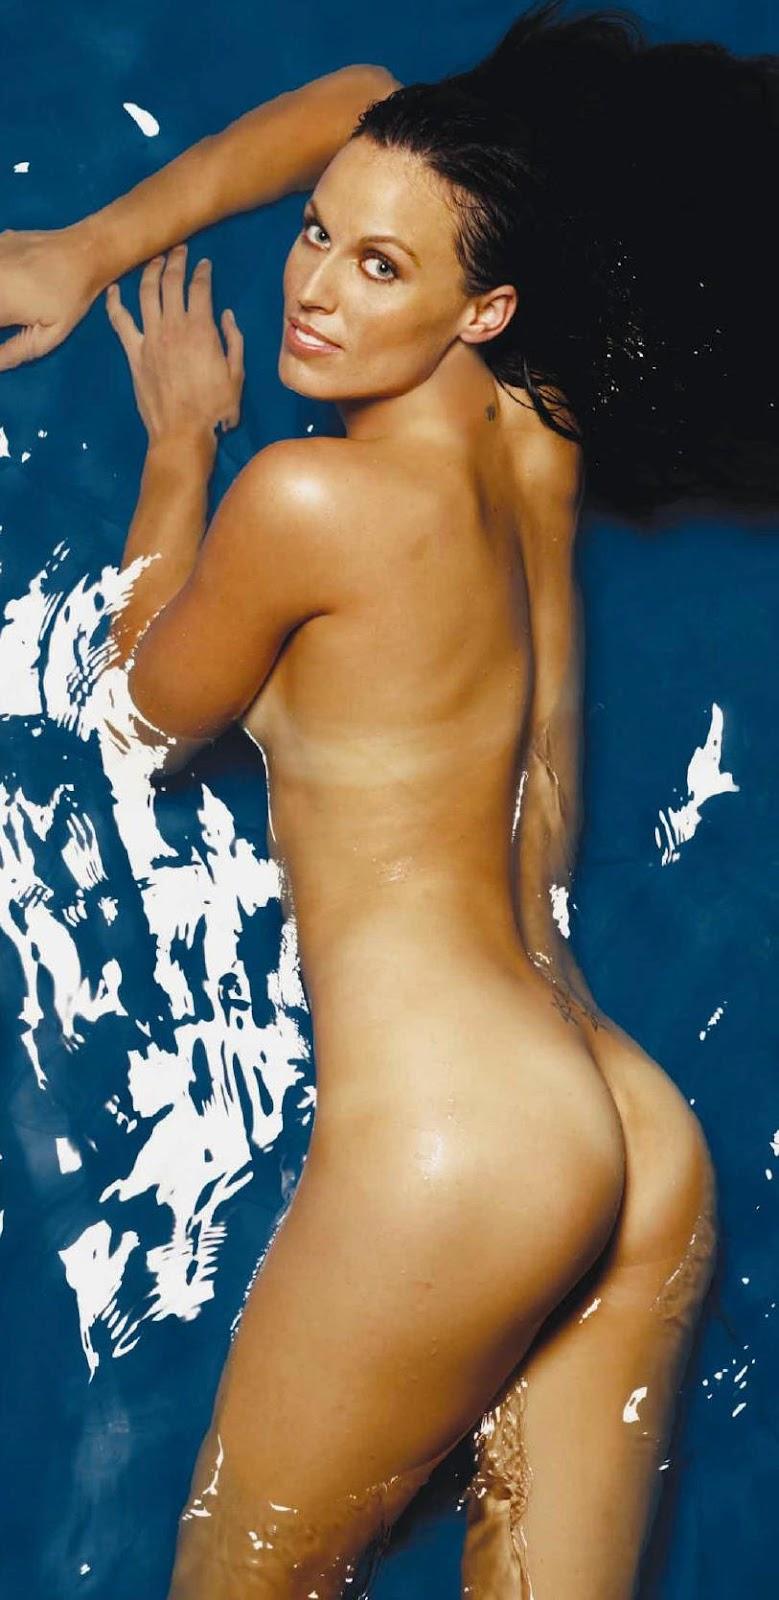 Amanda beard nude picture elf nude pics